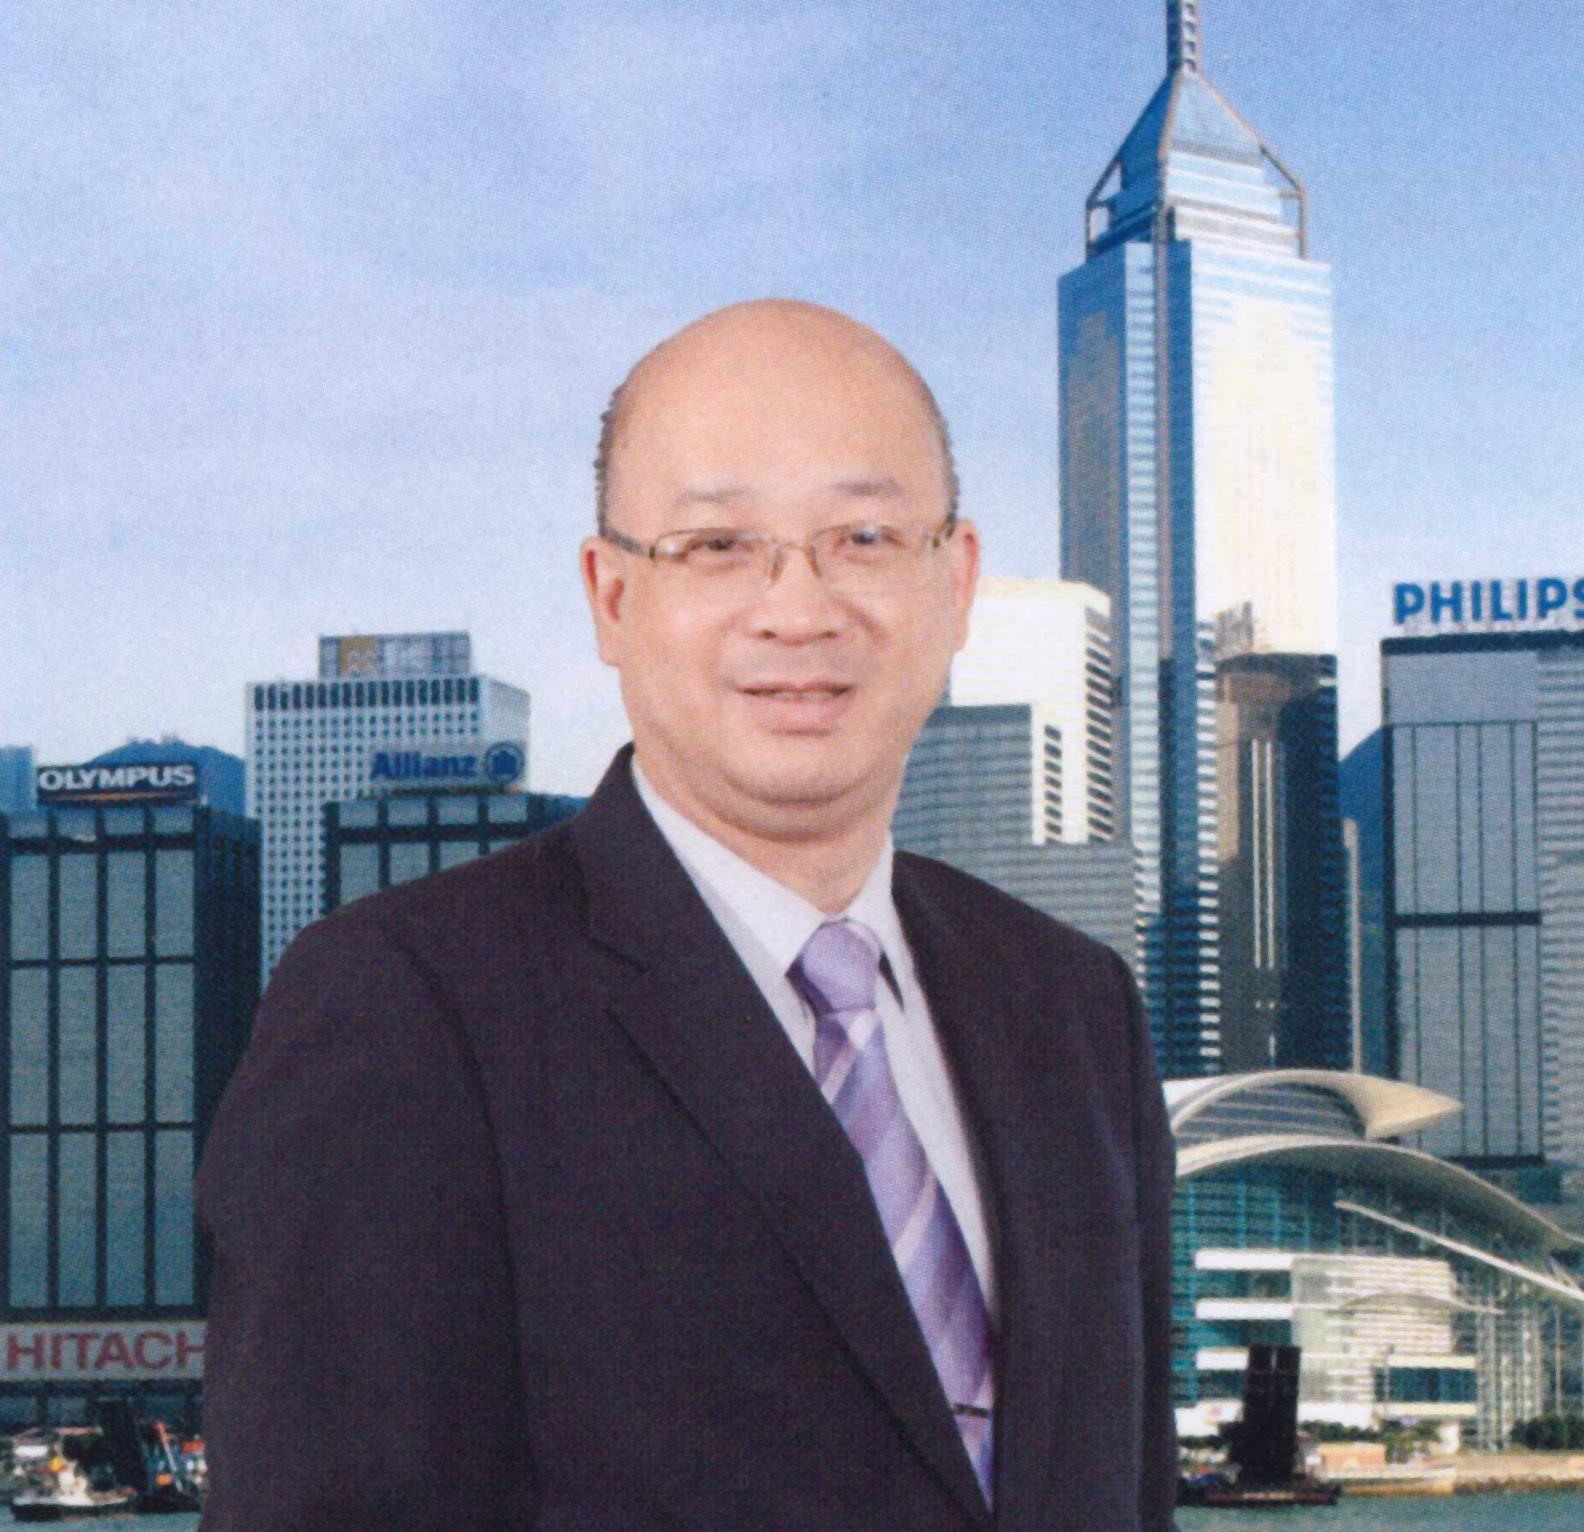 Francis Cheng